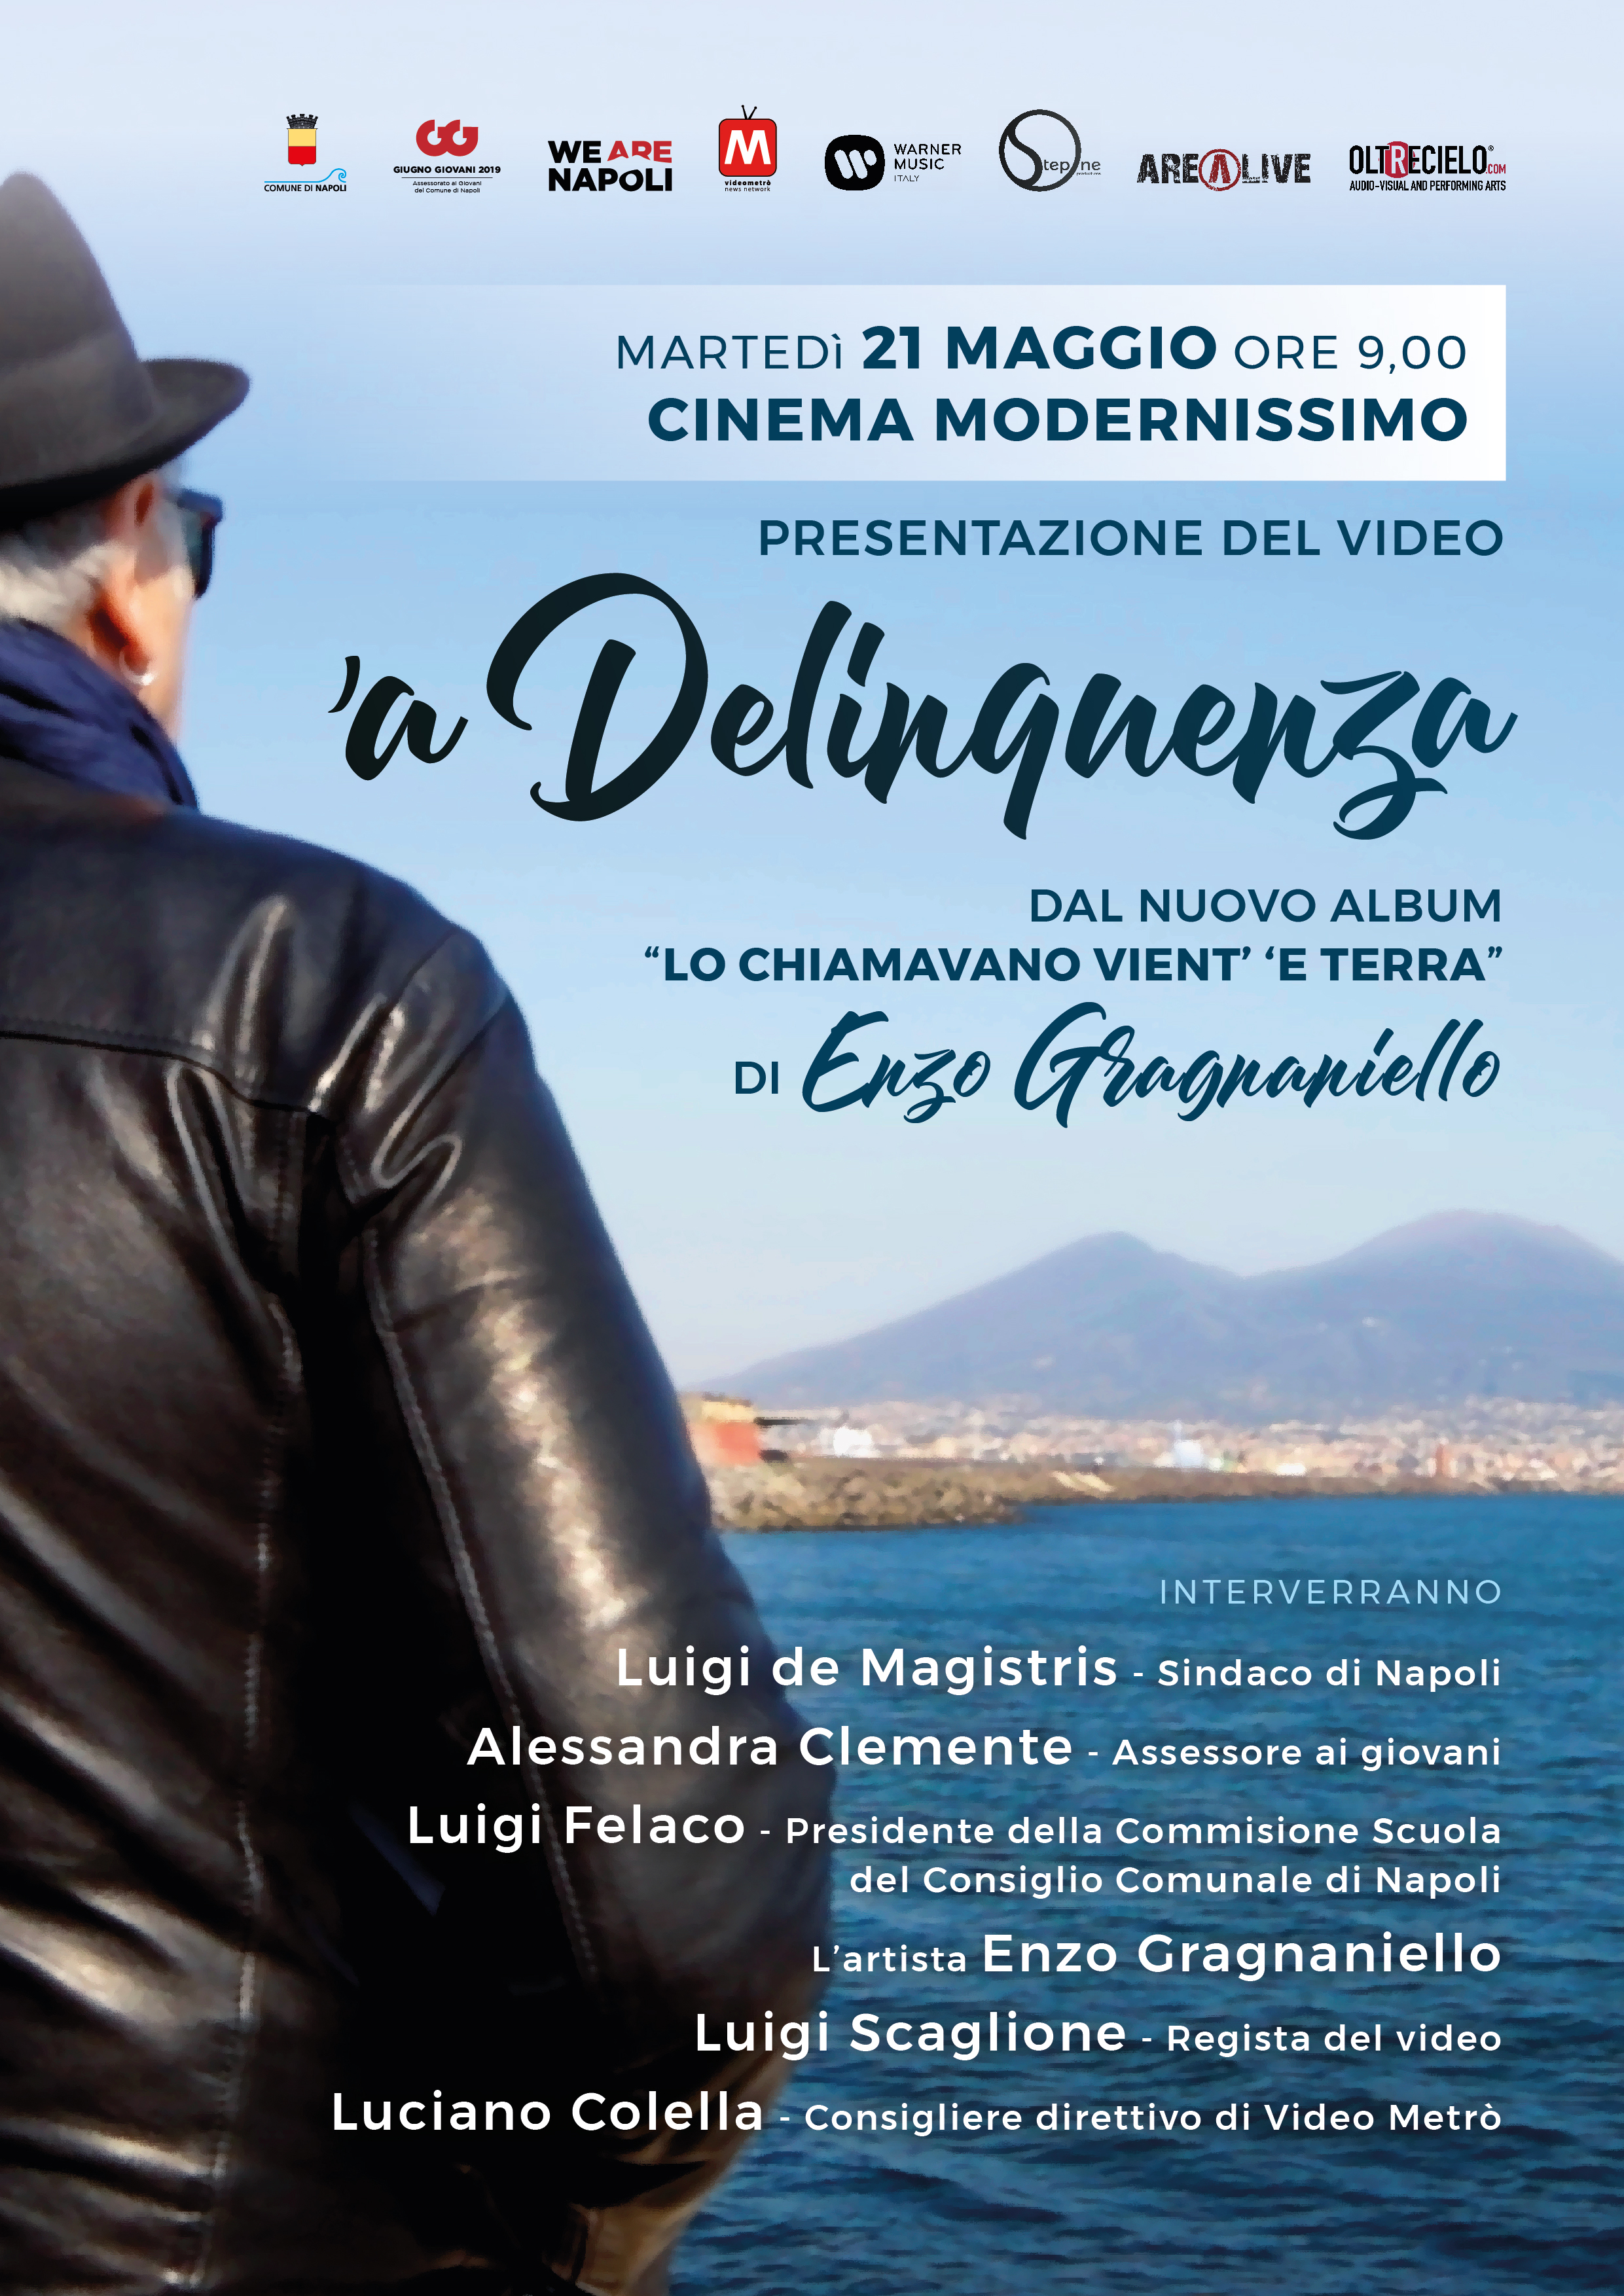 'A delinquenza - videoclip GRagnaniello